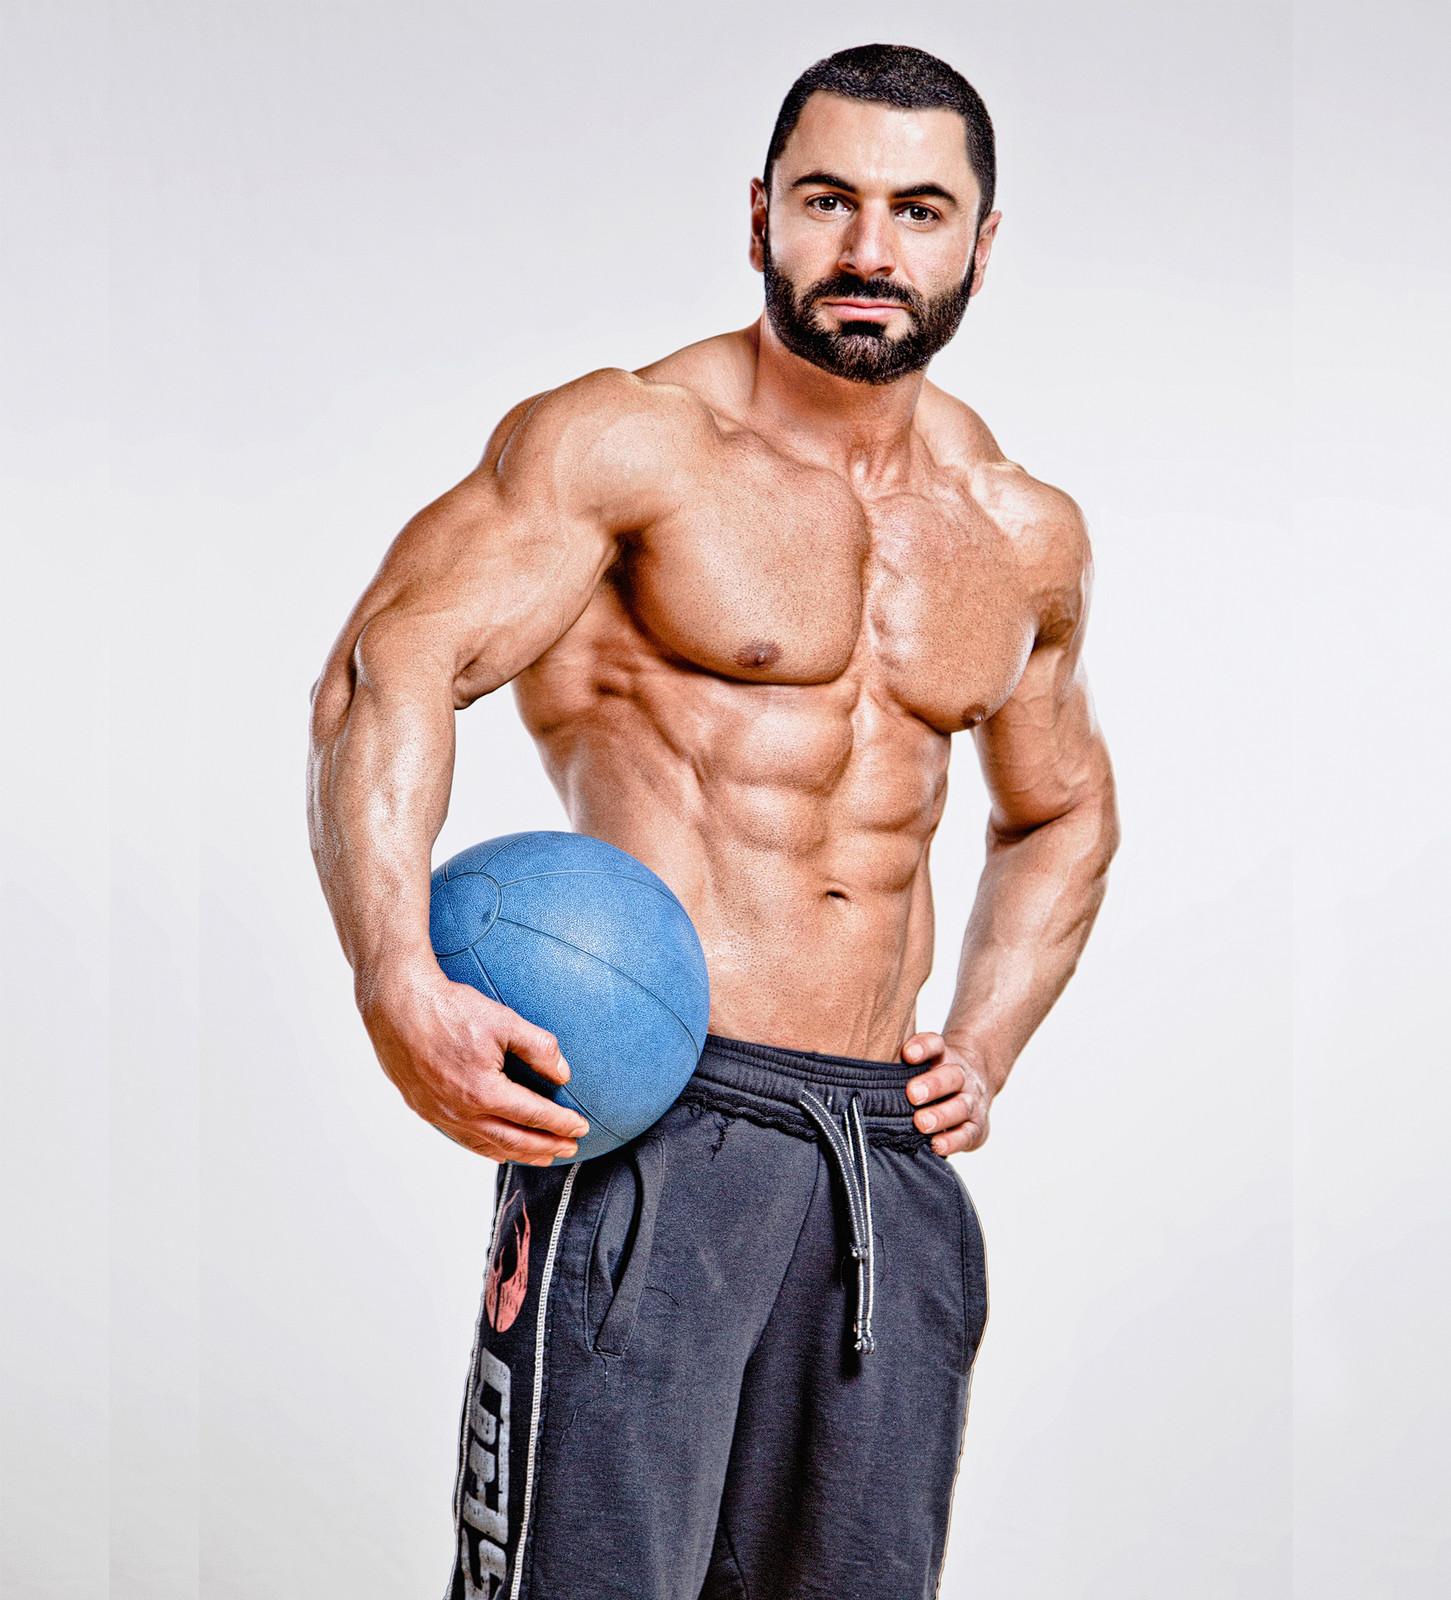 Fitness Modle Perosnal Trainer Este tema ha sido bloqueado así que no podrás responder en el. fitness modle perosnal trainer